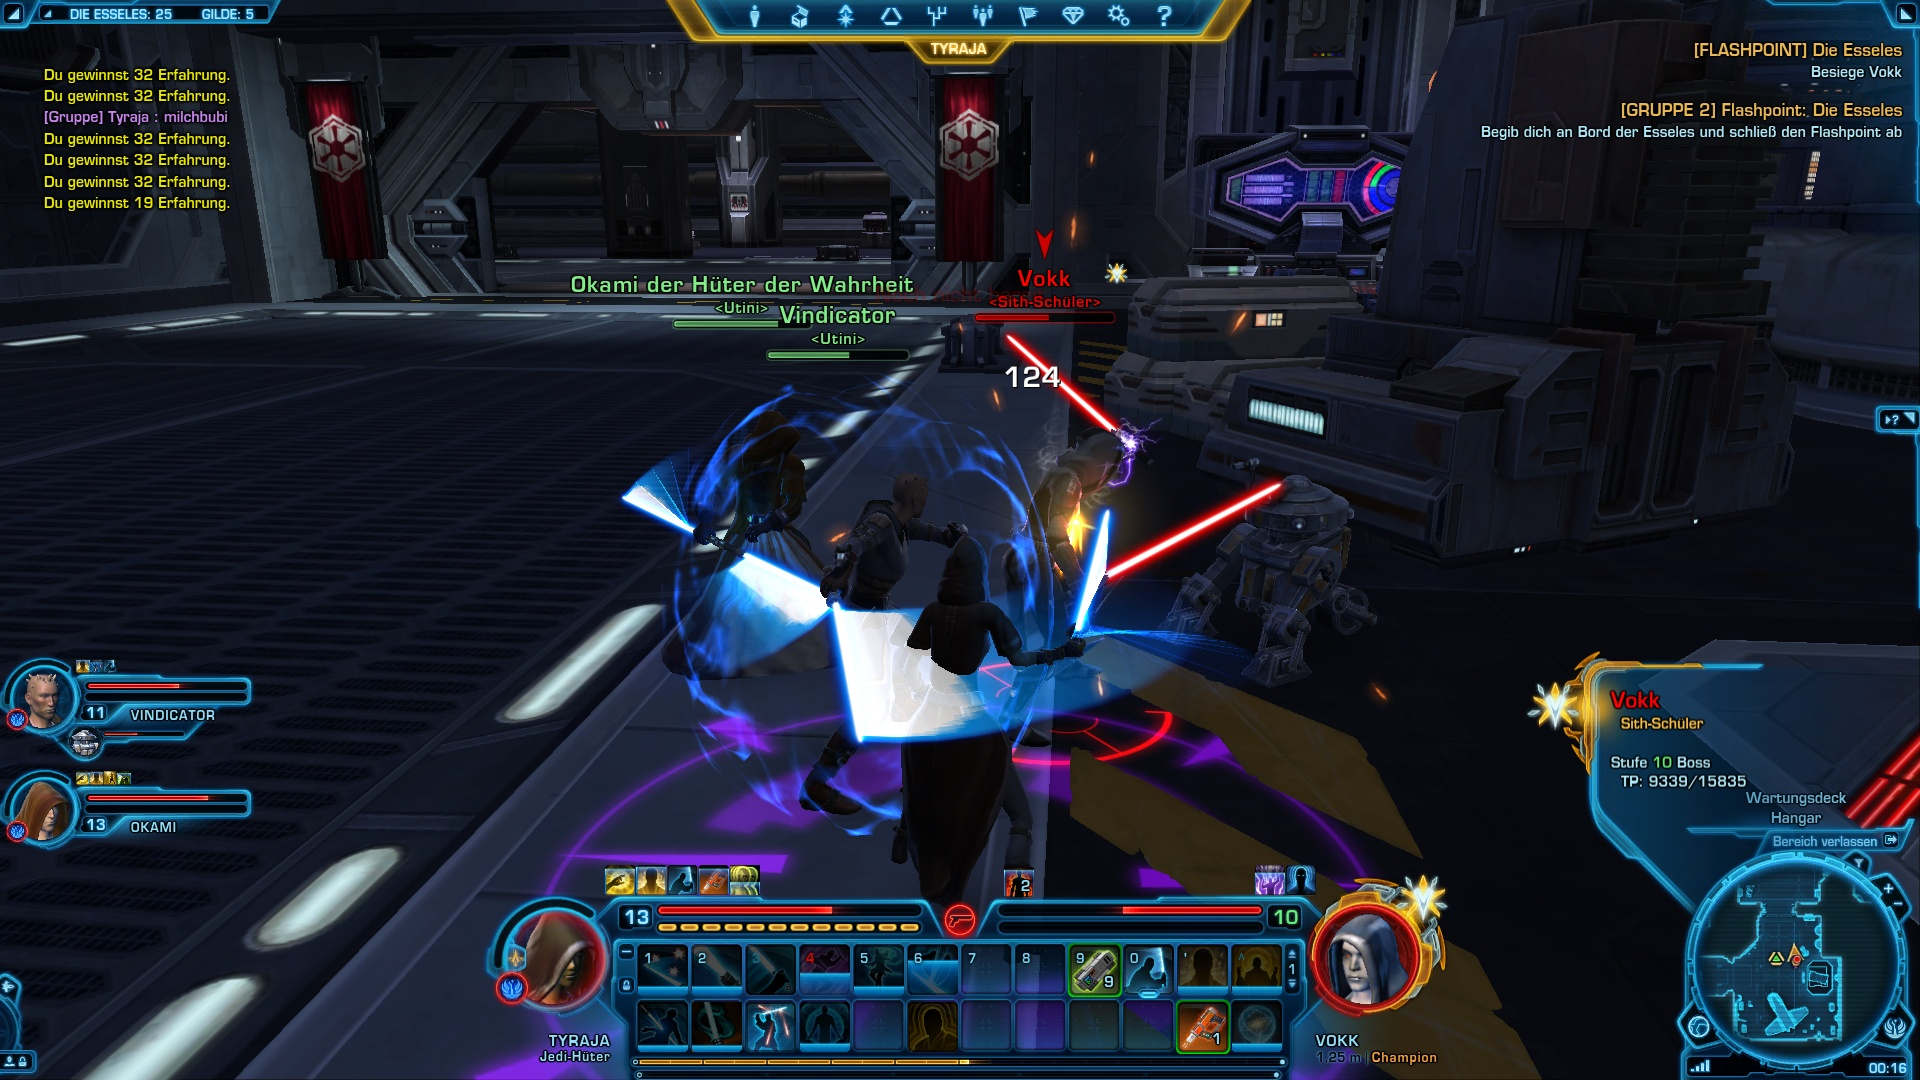 screenshot_2011-12-22l610b.jpg